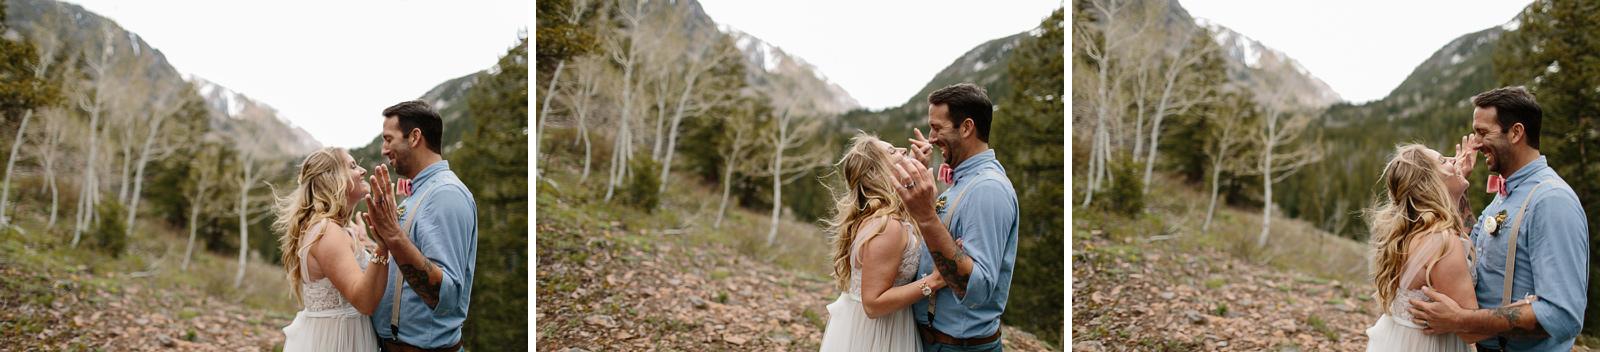 054-vail-elopement-photographer-chris-and-tara.jpg